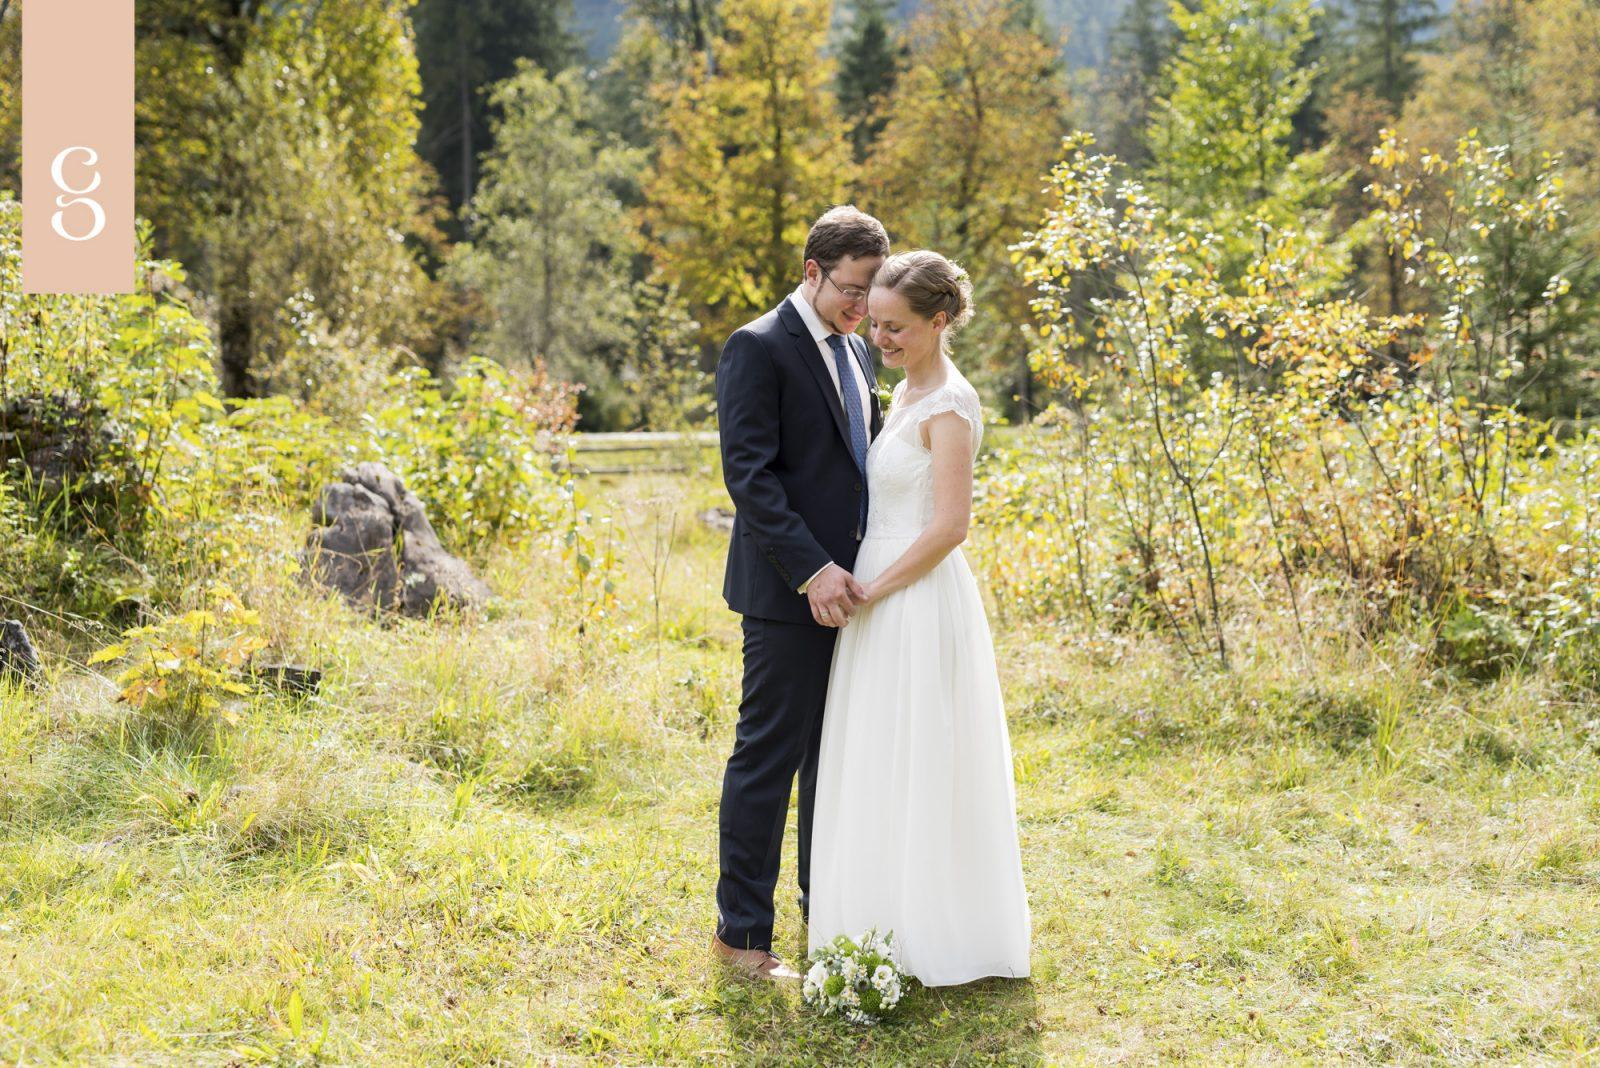 Fotograf_Goettges_Hochzeit_Wedding_Ramsau_Hintersee_Hirschbichl_Berchtesgaden_Hochzeitsfotograf-15